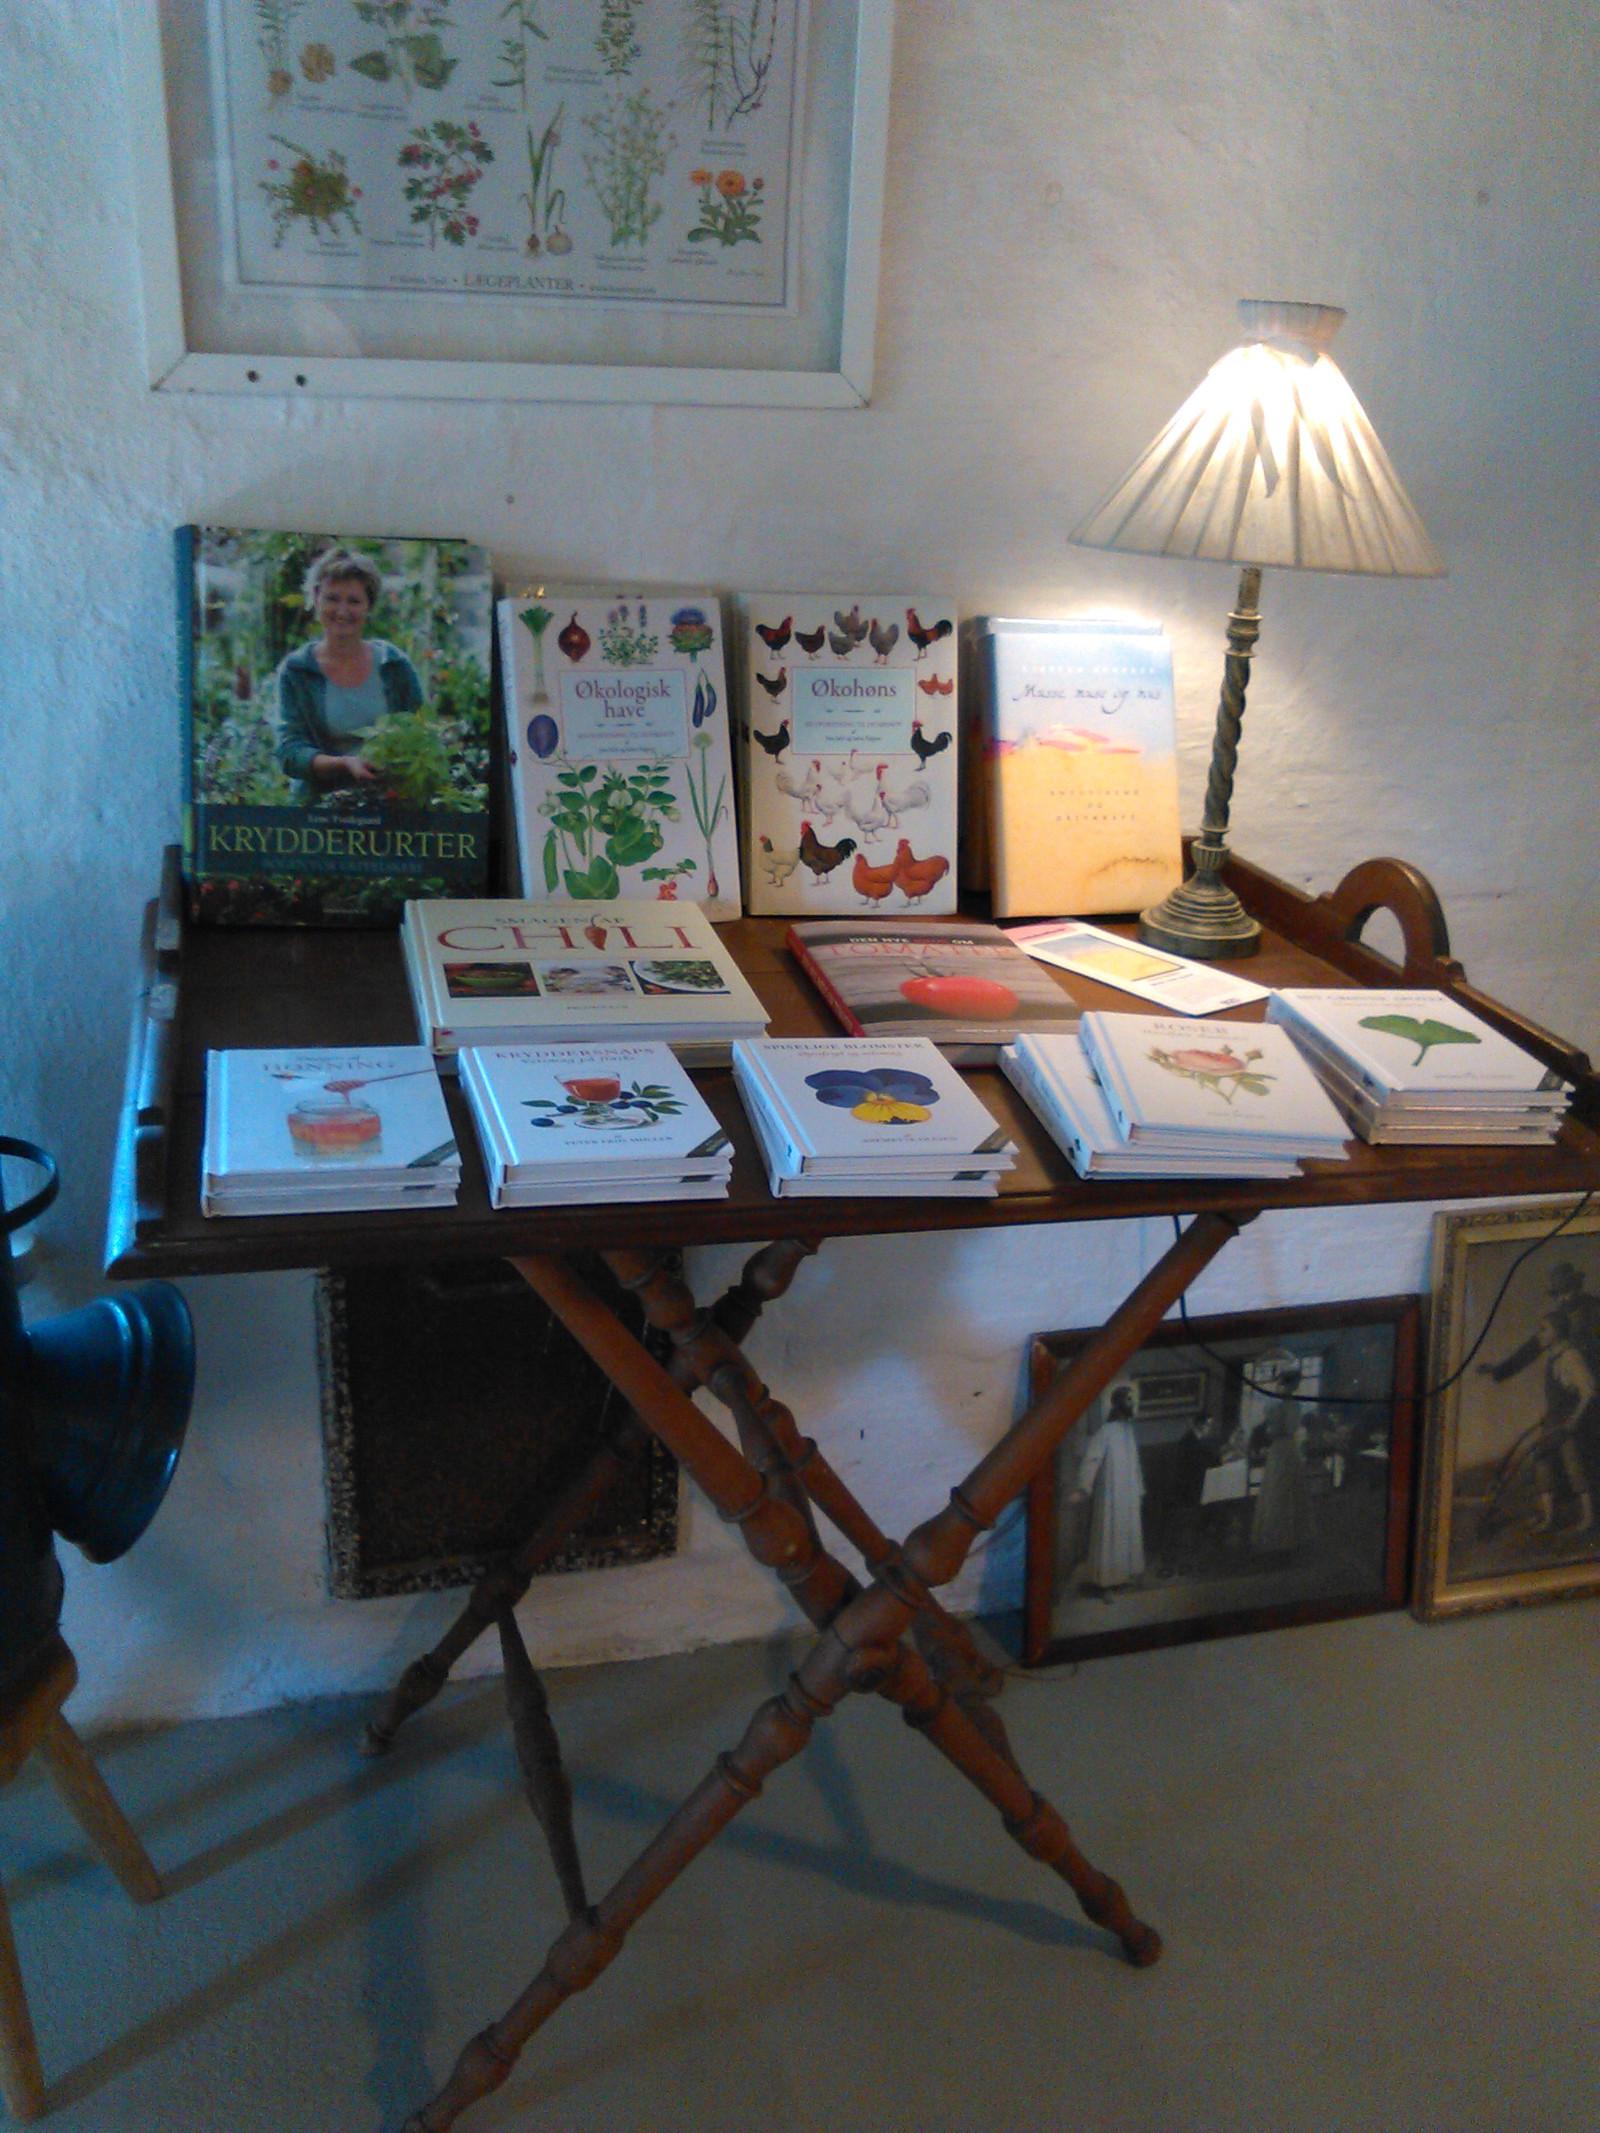 Bord med bøger